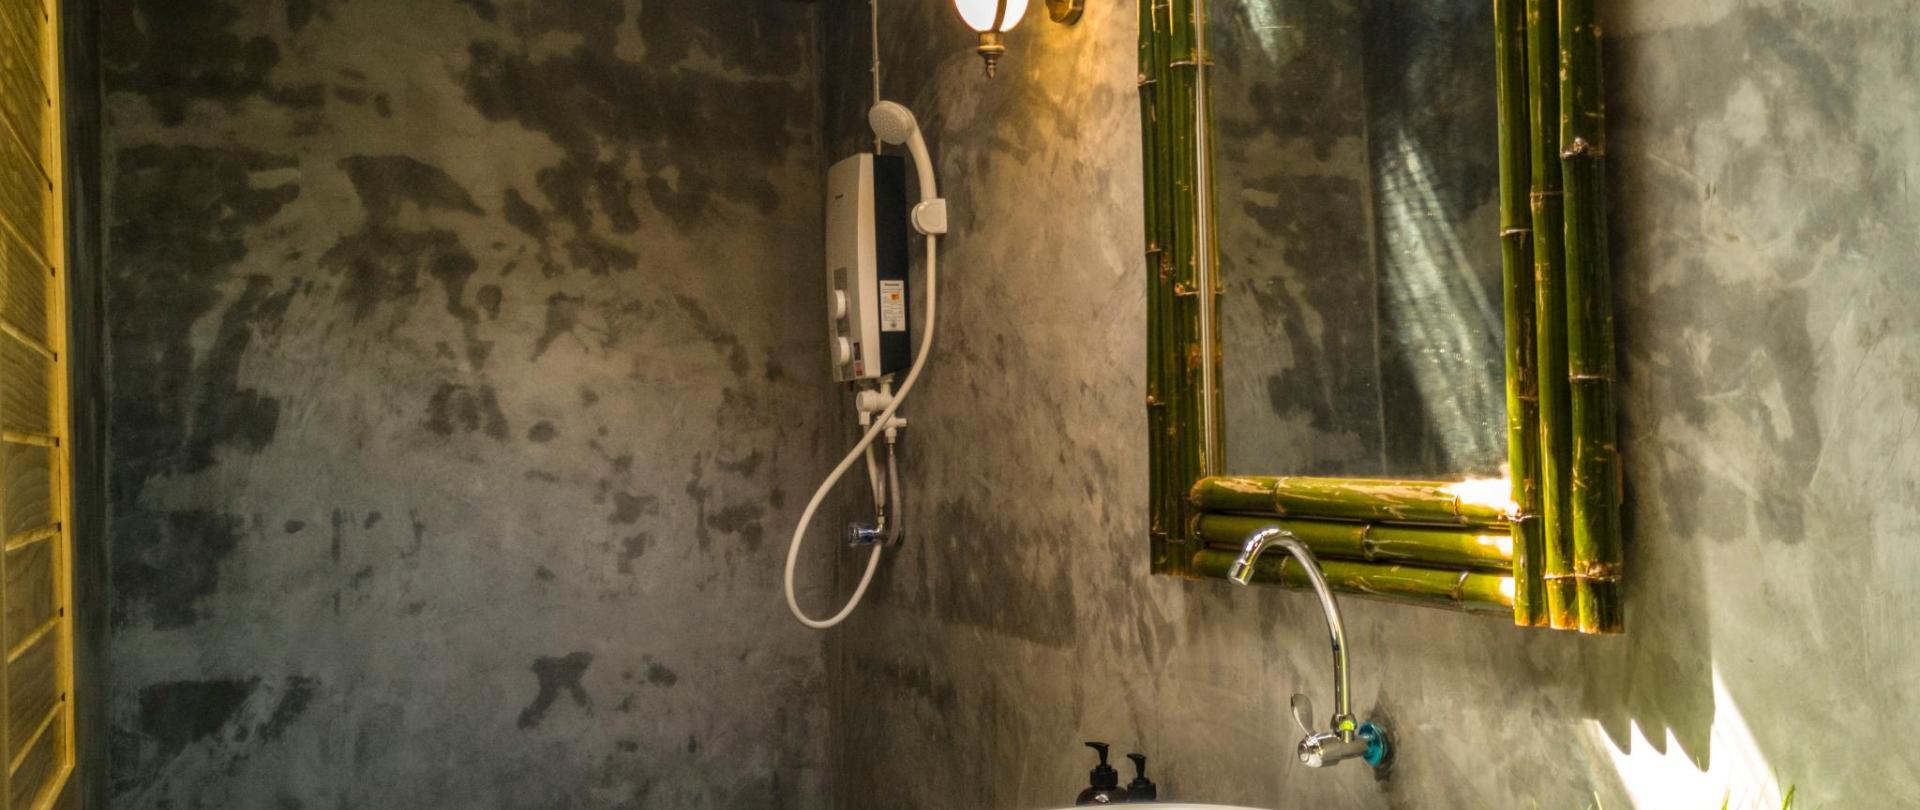 ห้องน้ำ4.jpg